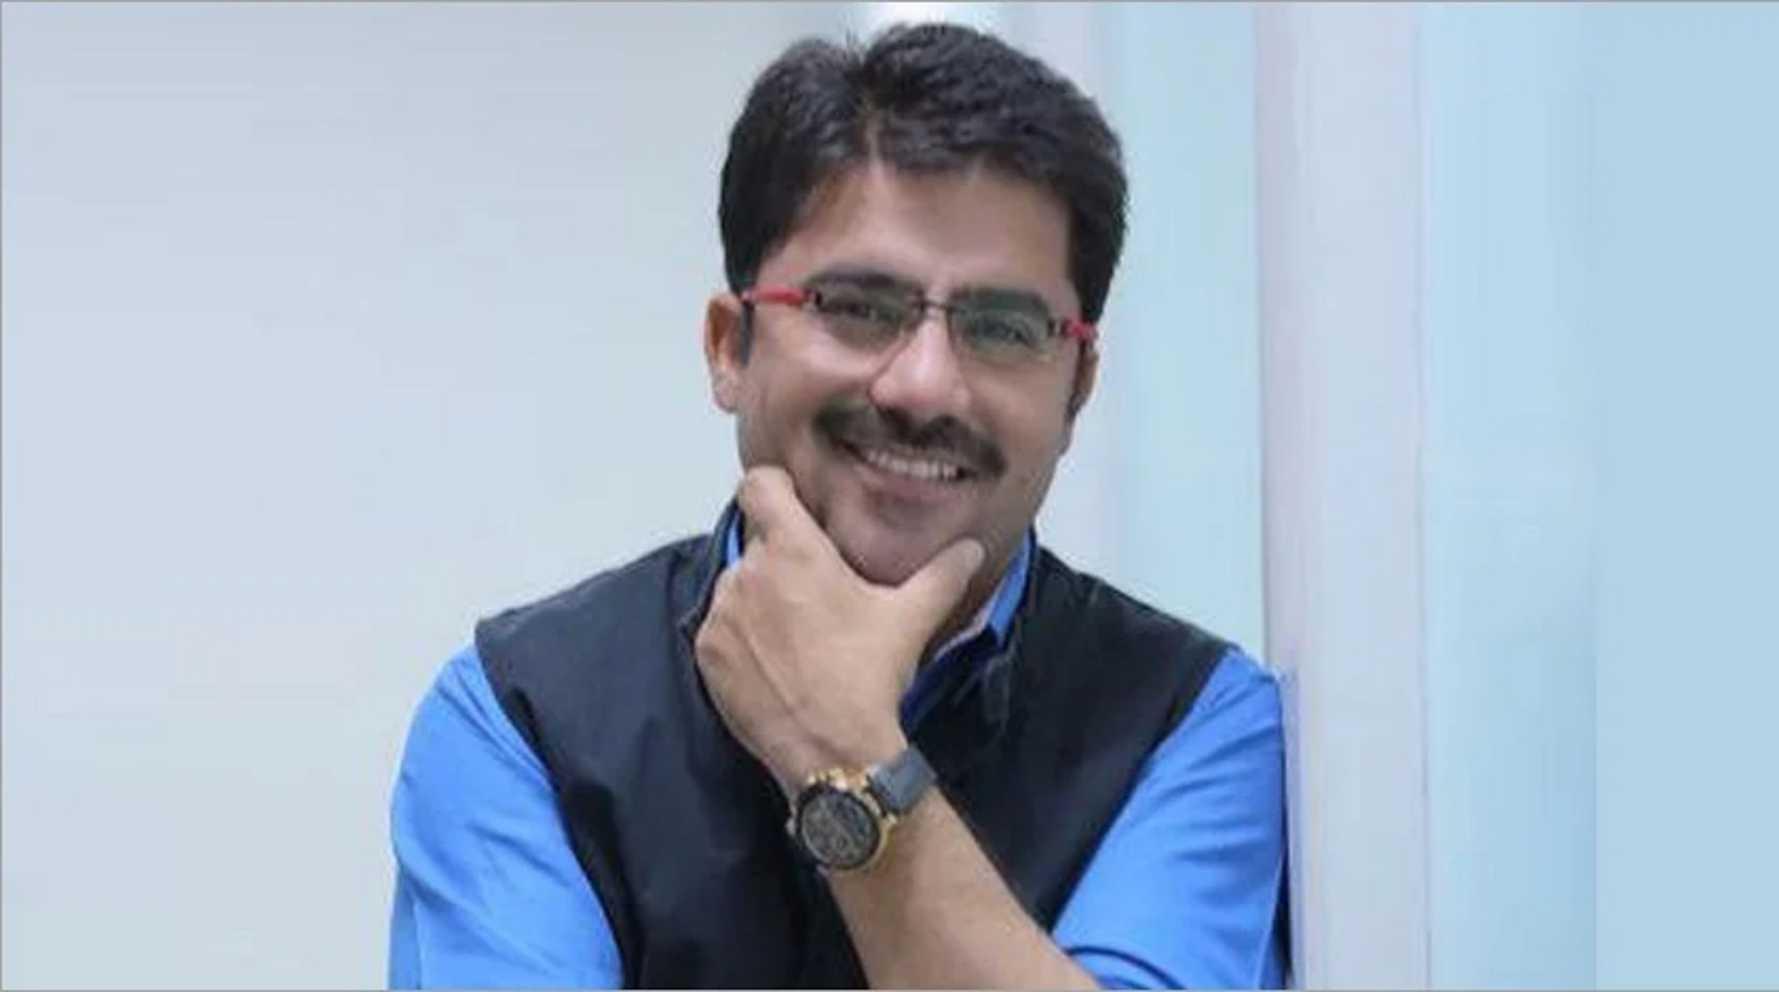 मशहूर टीवी एंकर और पत्रकार रोहित सरदाना का दुखद निधन, पीएम मोदी और राष्ट्रपति कोविंद ने दी श्रद्धांजलि